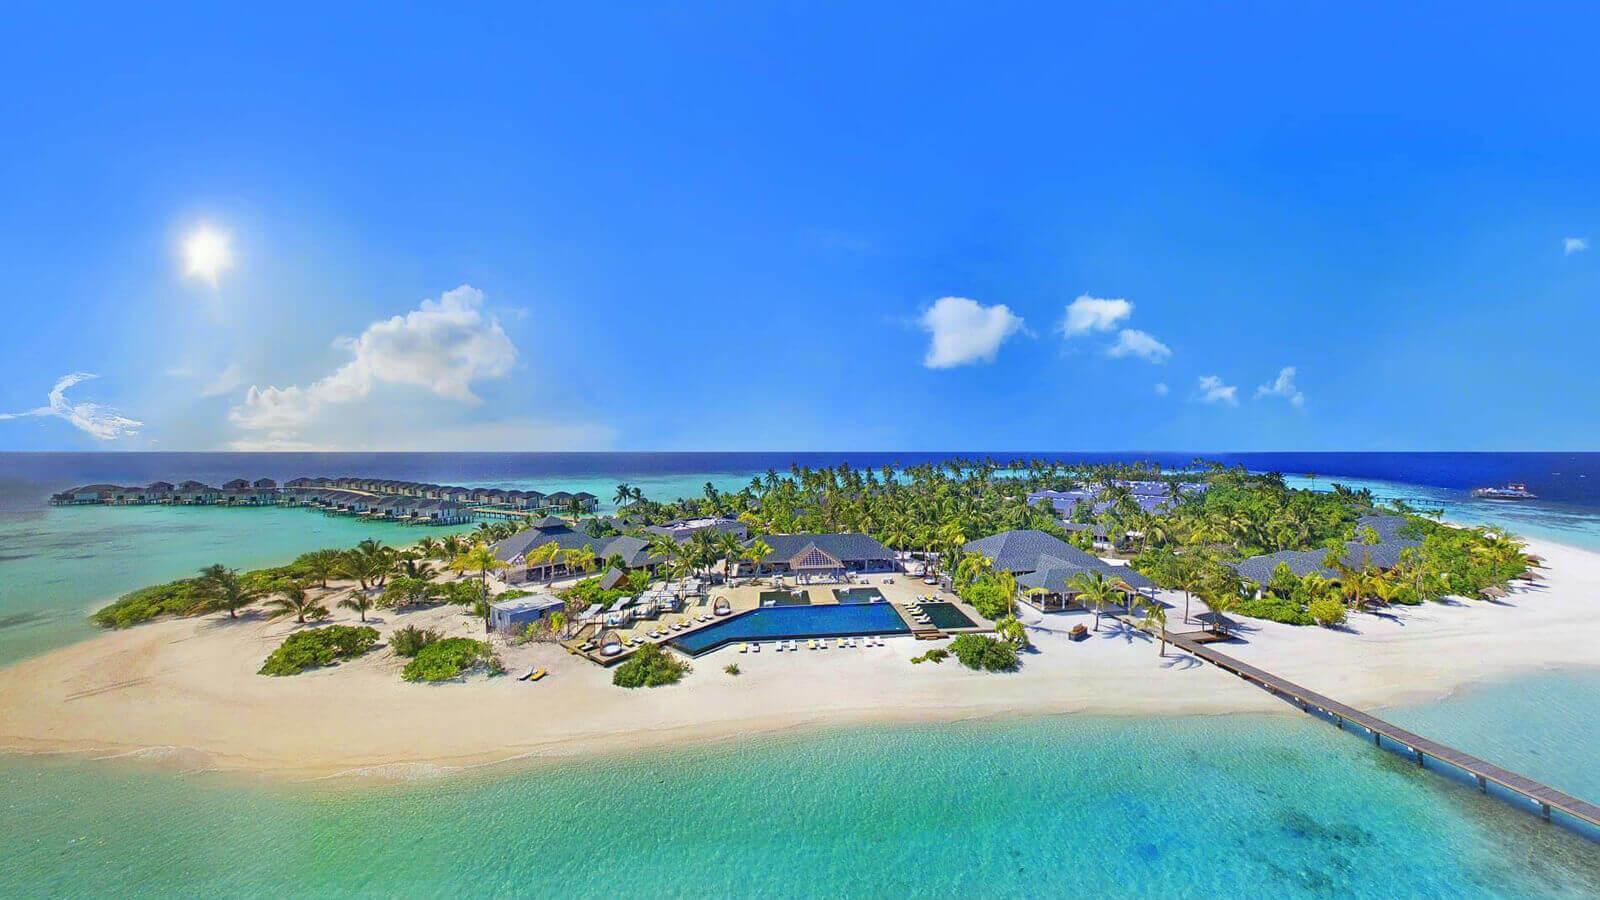 Мальдивы. Amari Havodda Maldives. Скидка 10 % + 20 % early booking + FB=ALL + Ребёнок бесплатно!